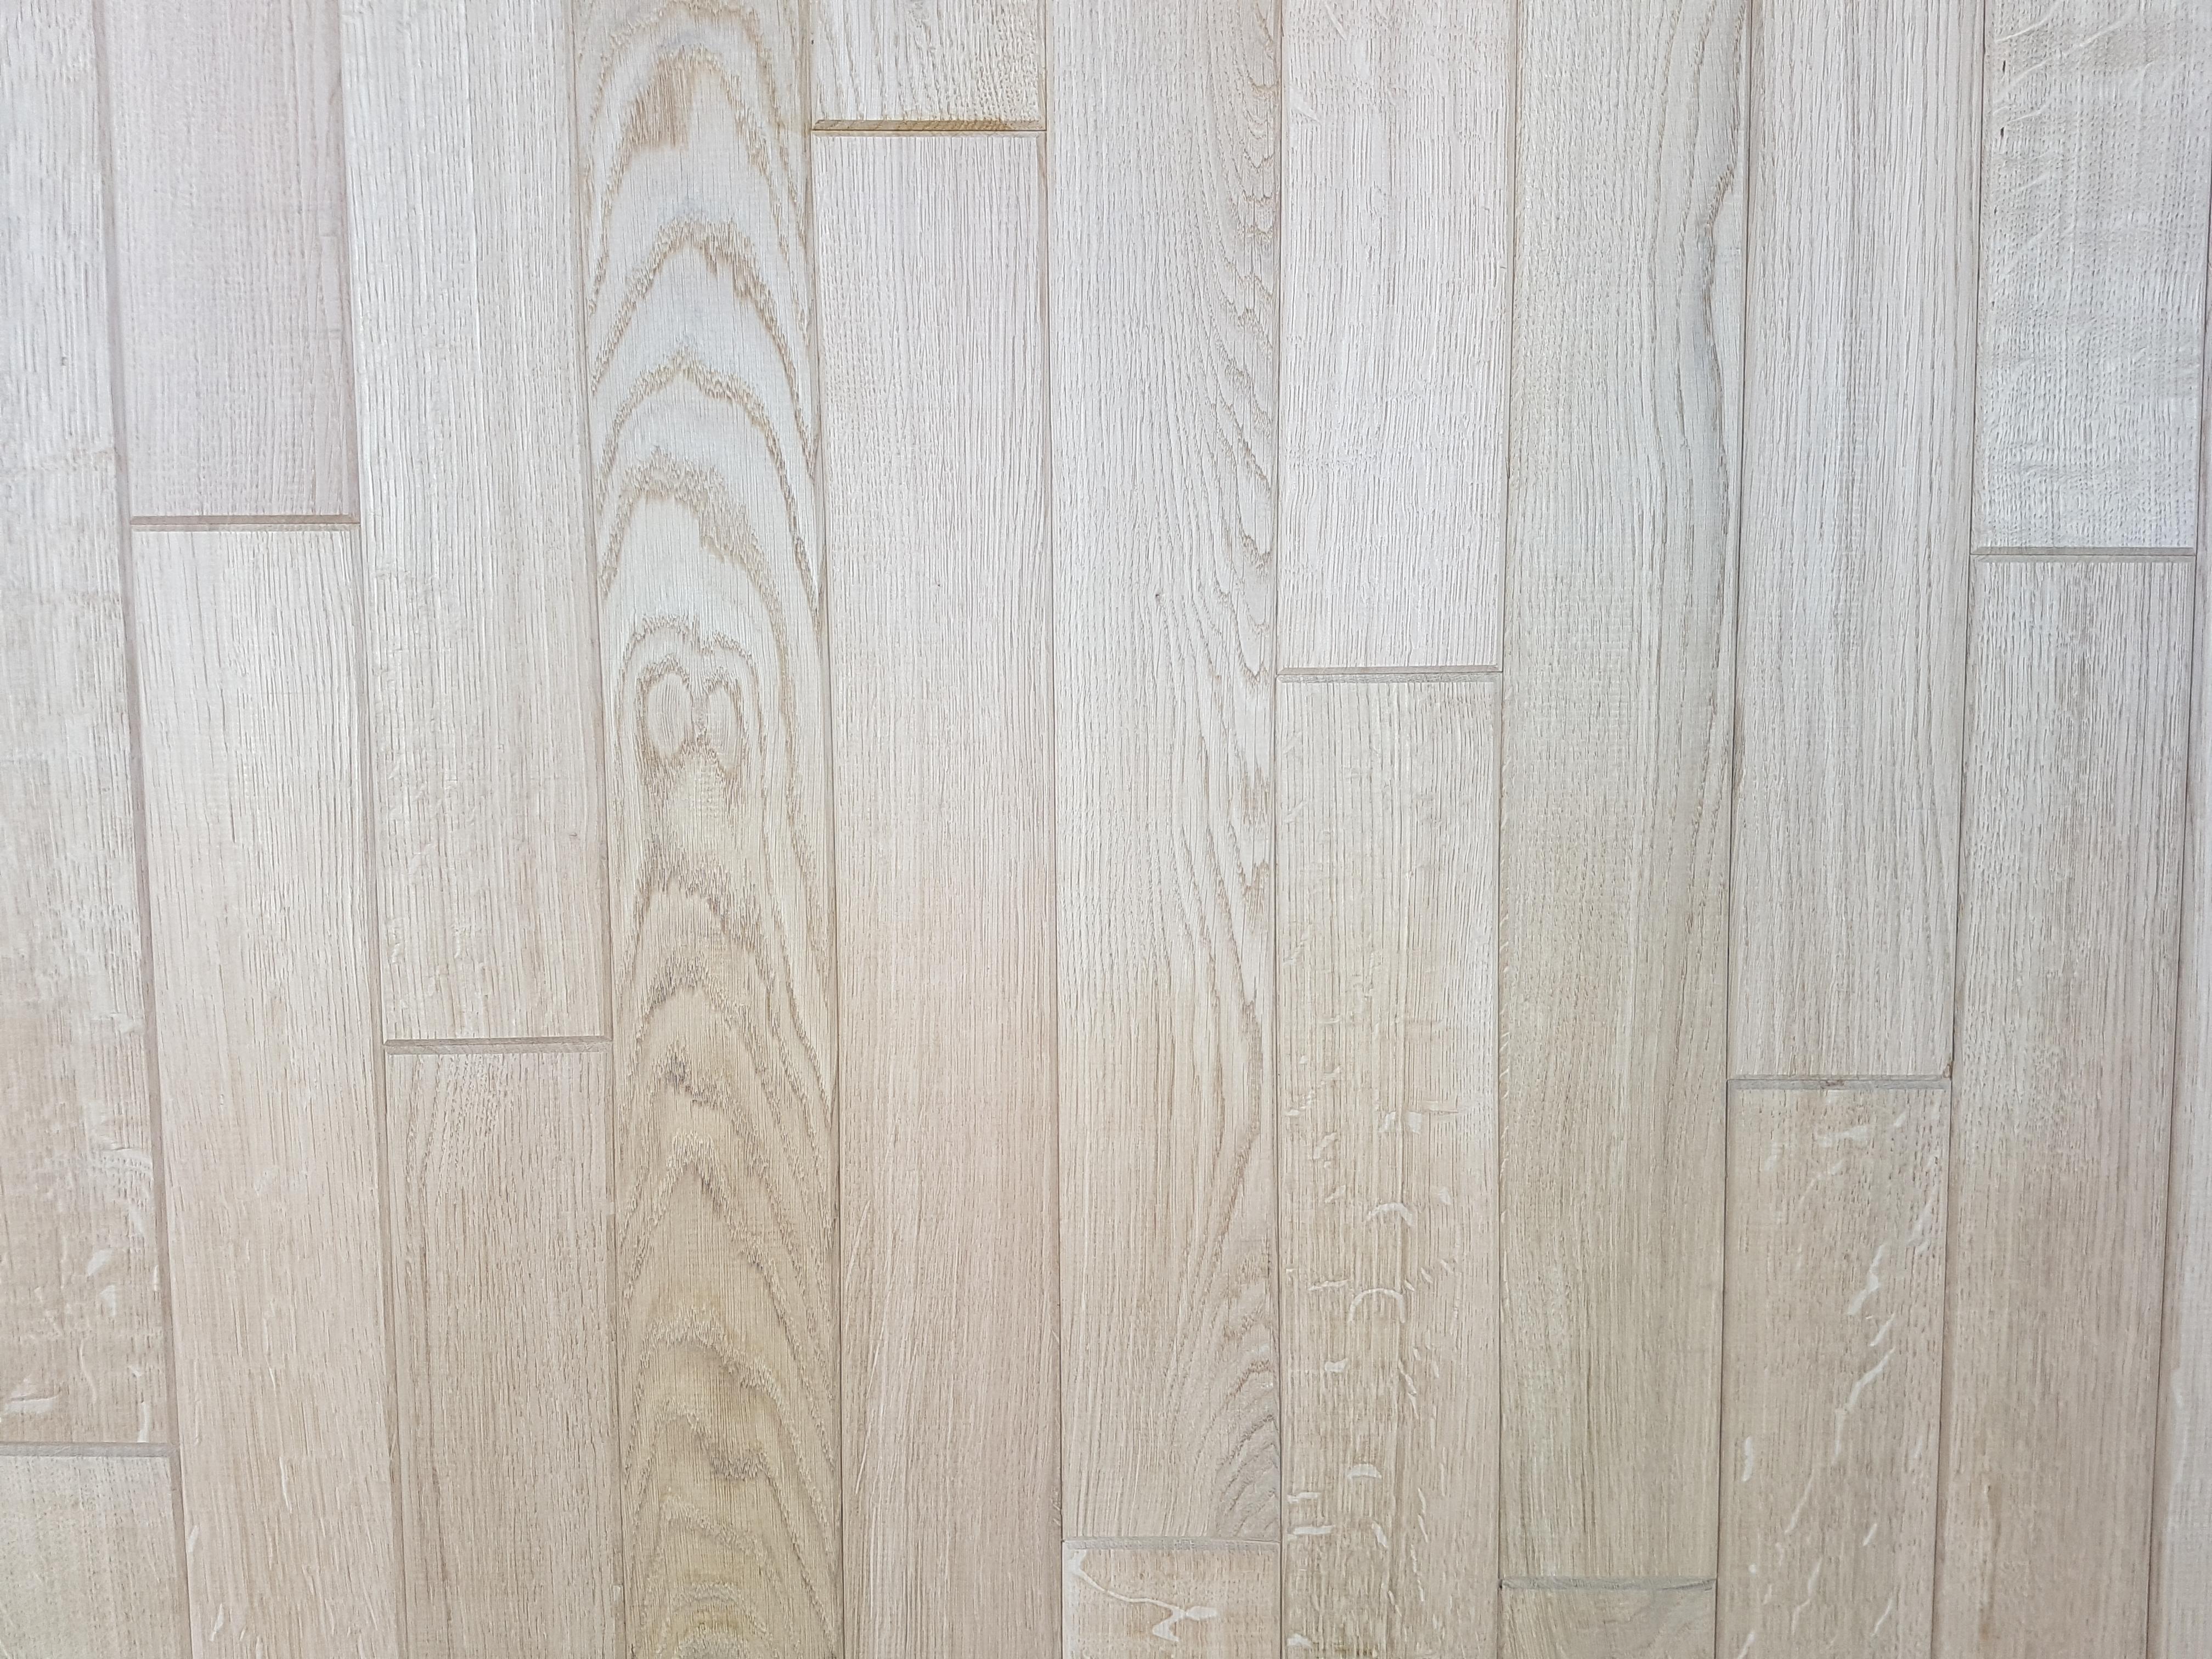 Tafel Steigerhout Goedkoop : Goedkoop steigerhout eiken lambrisering zijdig v bek goedkoop